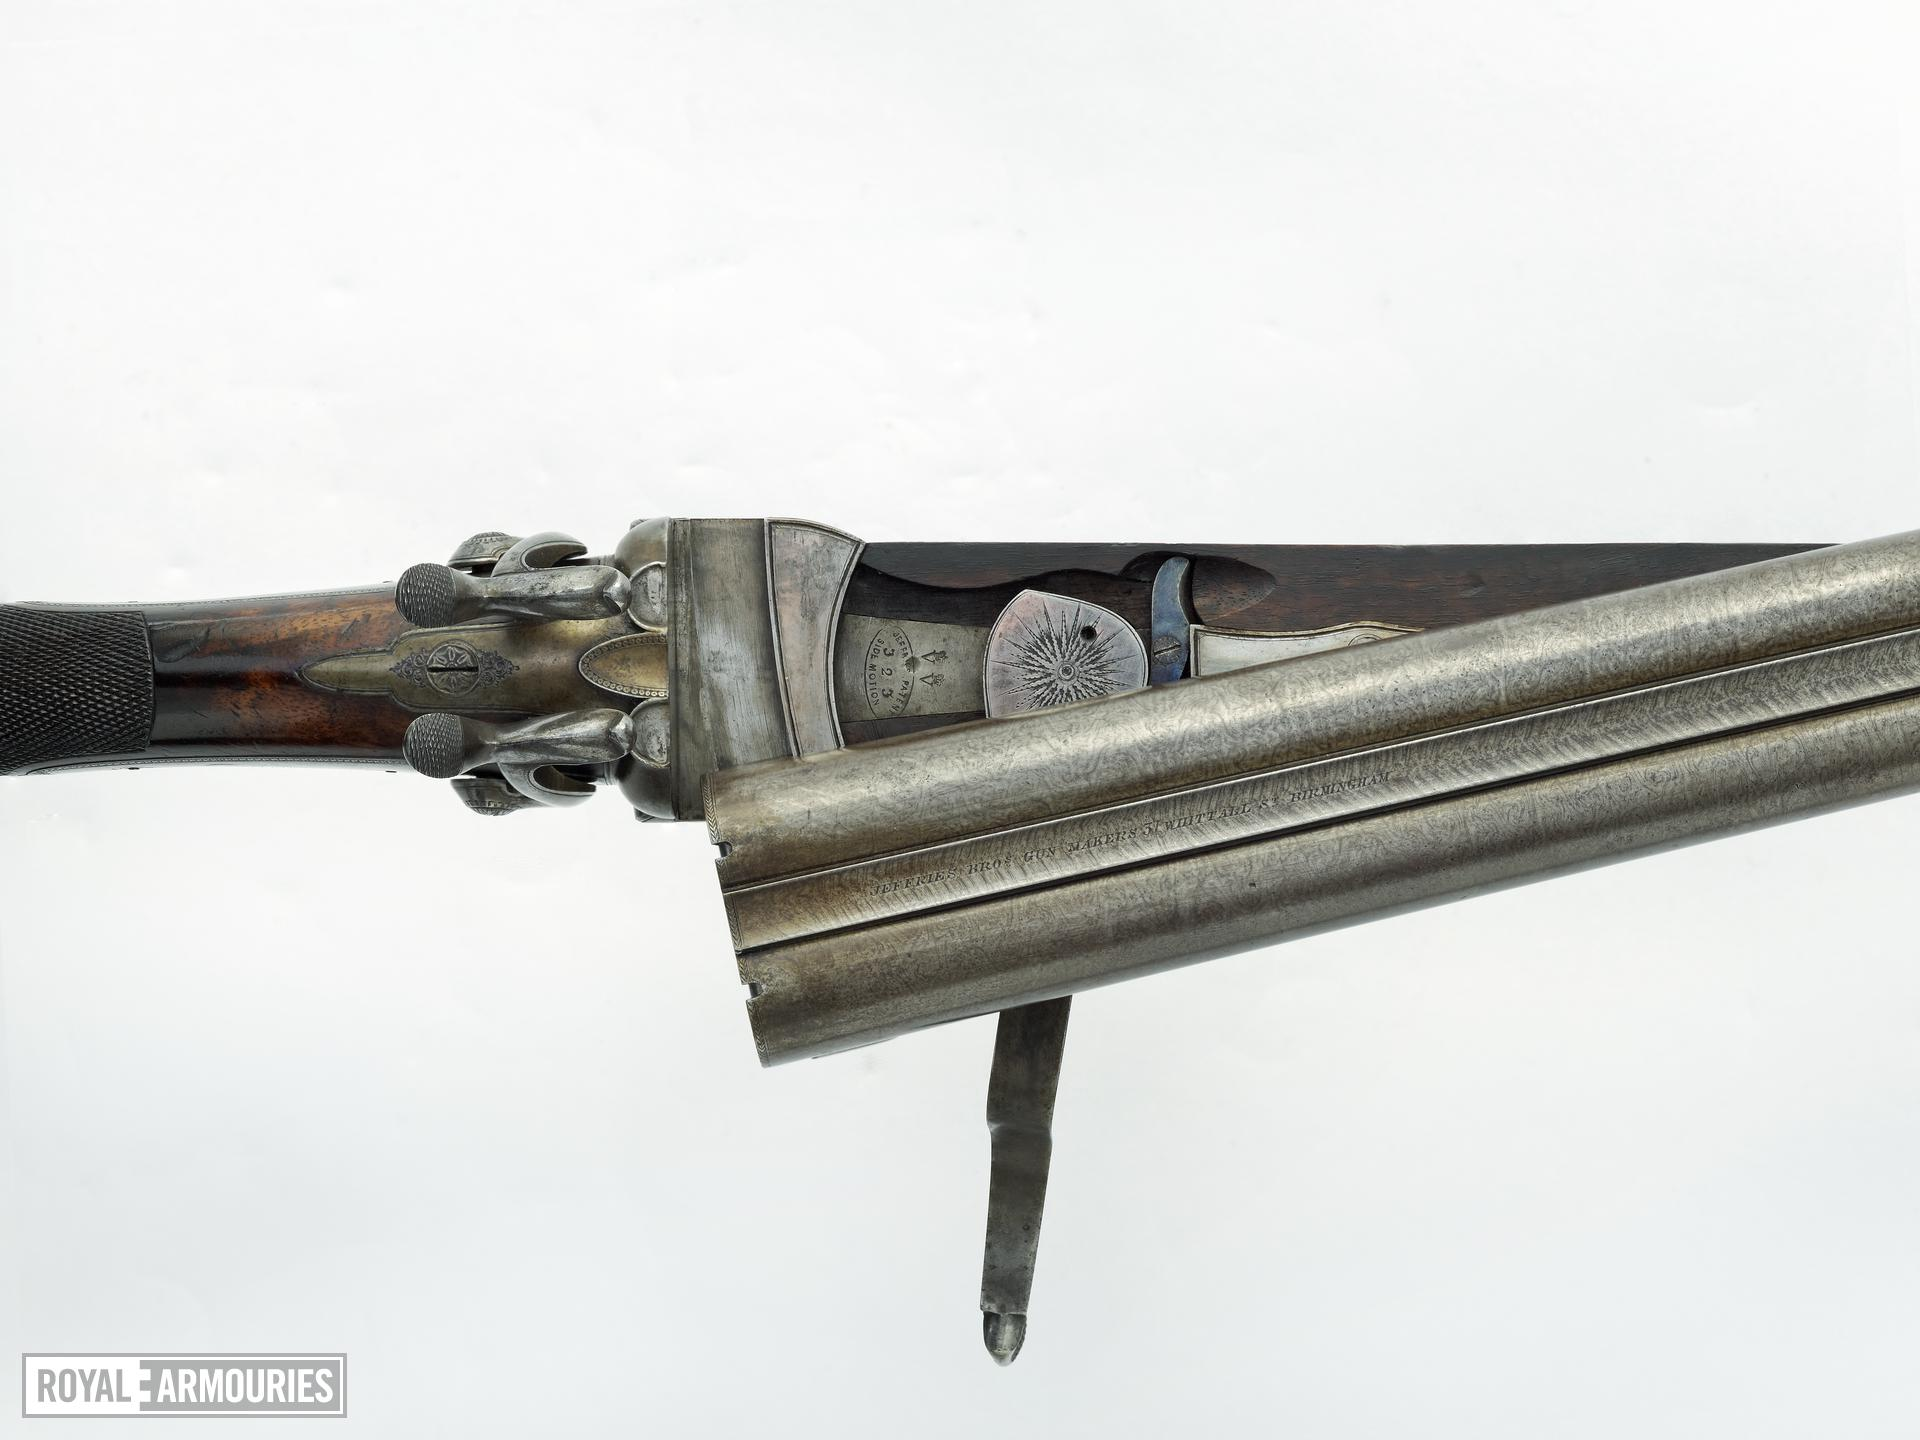 Pinfire breech-loading double-barrelled shotgun - By Jeffries